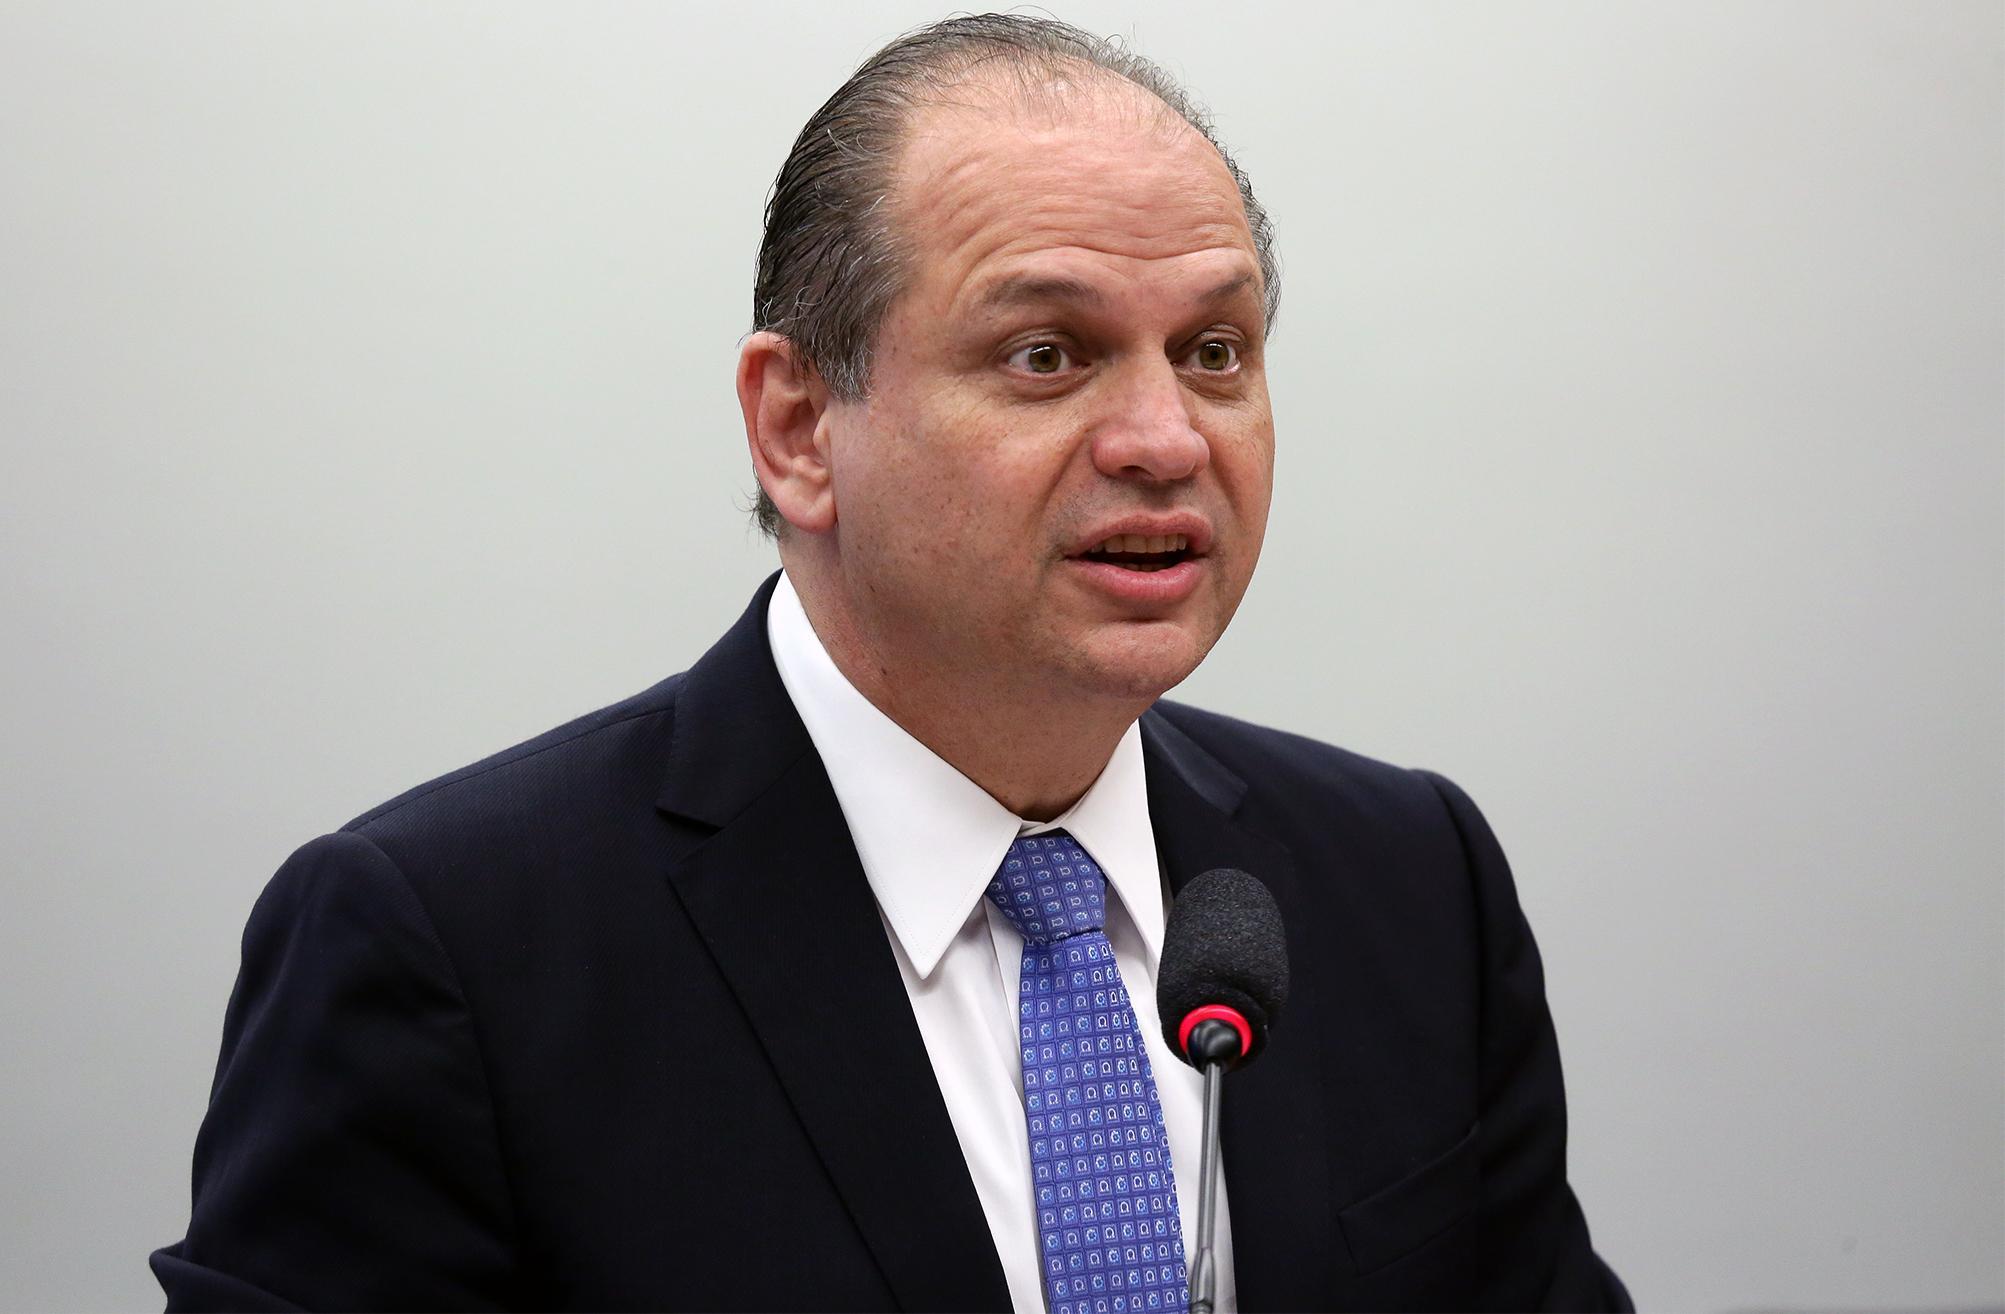 Audiência pública sobre o relatório quadrimestral de prestação de contas do gestor federal do SUS, referentes ao 2º e 3º Quadrimestre de 2017, em atendimento ao disposto no art. 36 da Lei Complementar nº 141/2012. Ministro da Saúde, Ricardo Barros